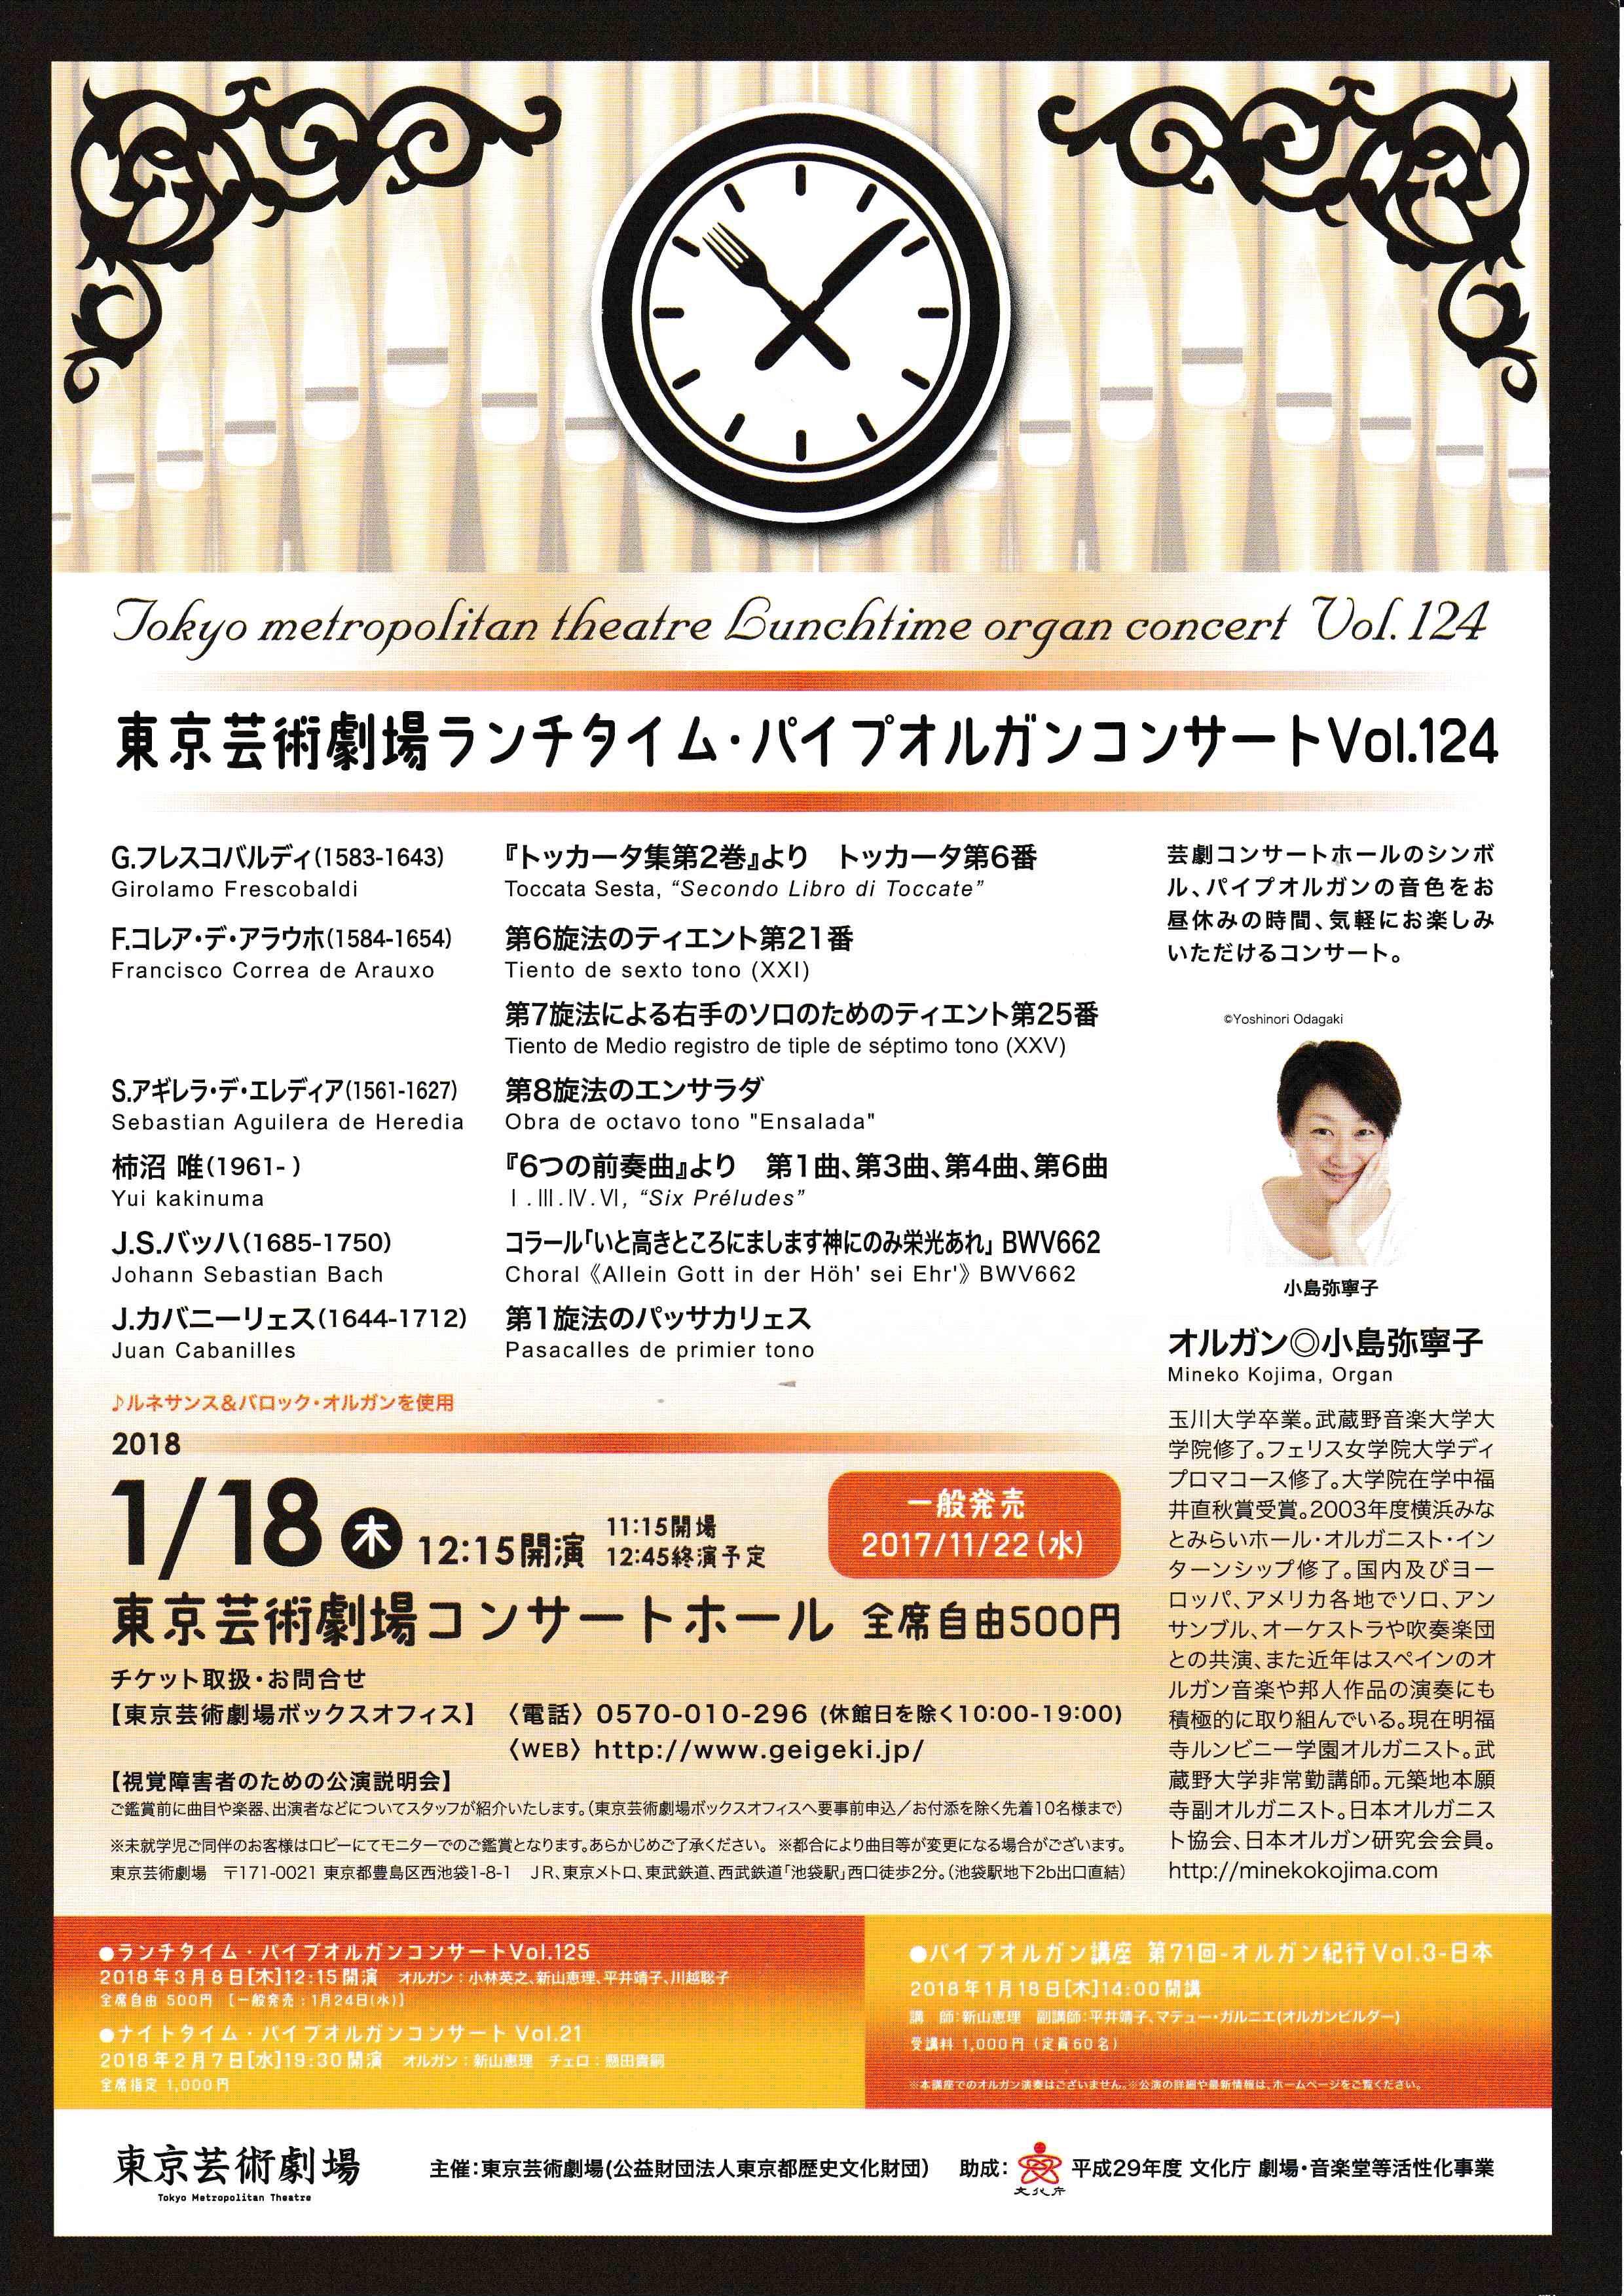 東京芸術劇場ランチタイム・パイプオルガンコンサート